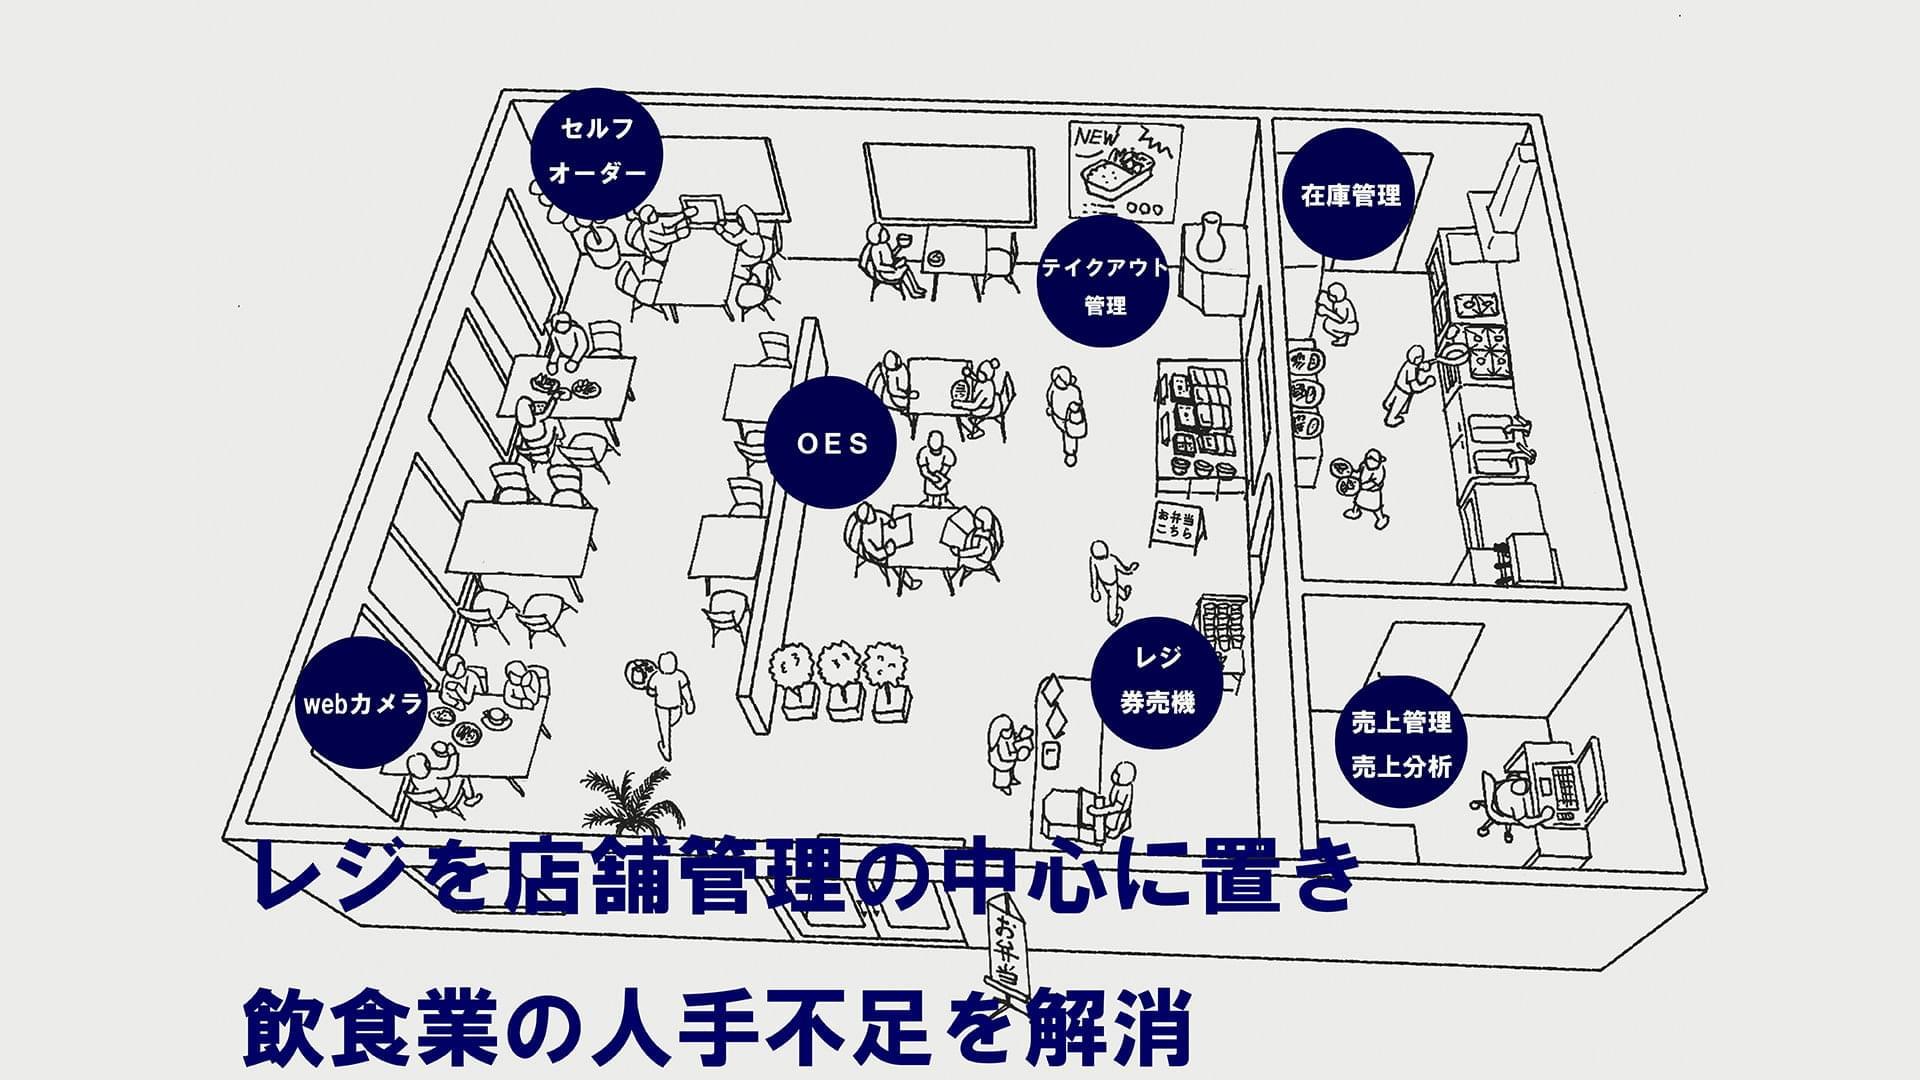 レジを店舗管理の中心に置き飲食業の人手不足を解消